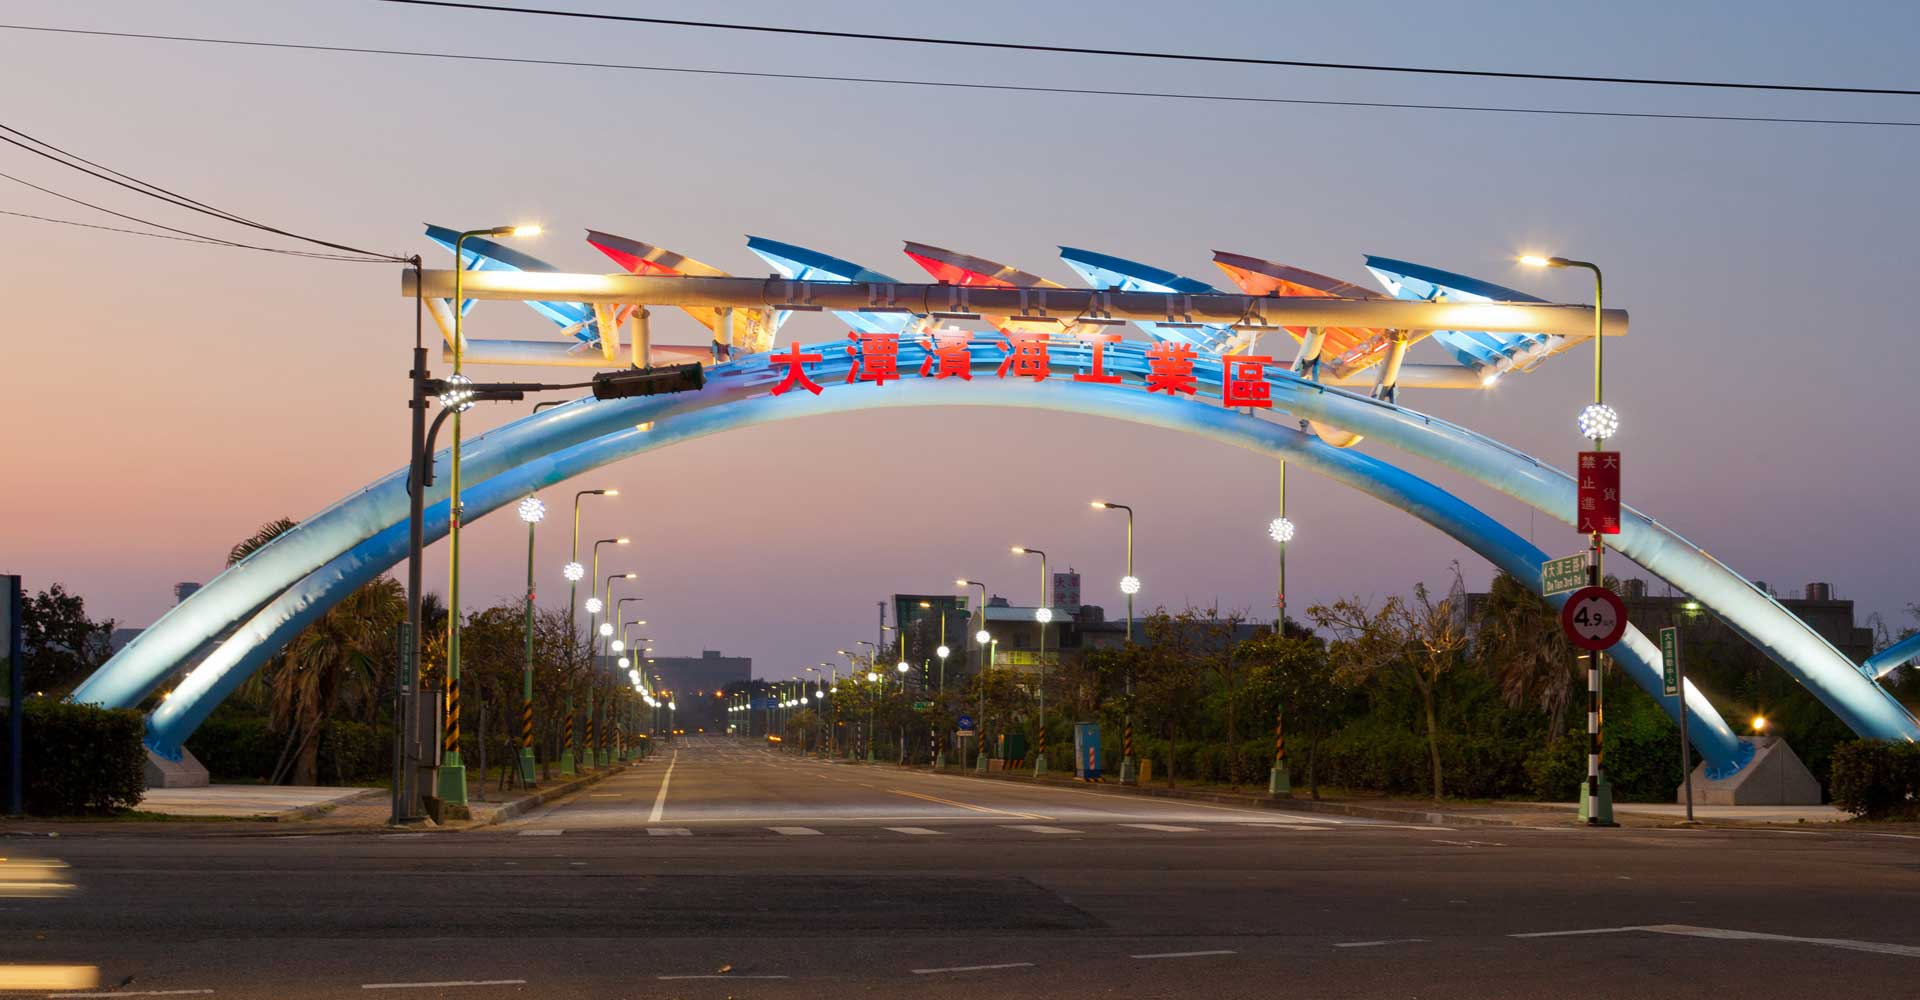 Rooster lighting design luminaire manufacturing light for Landmark design